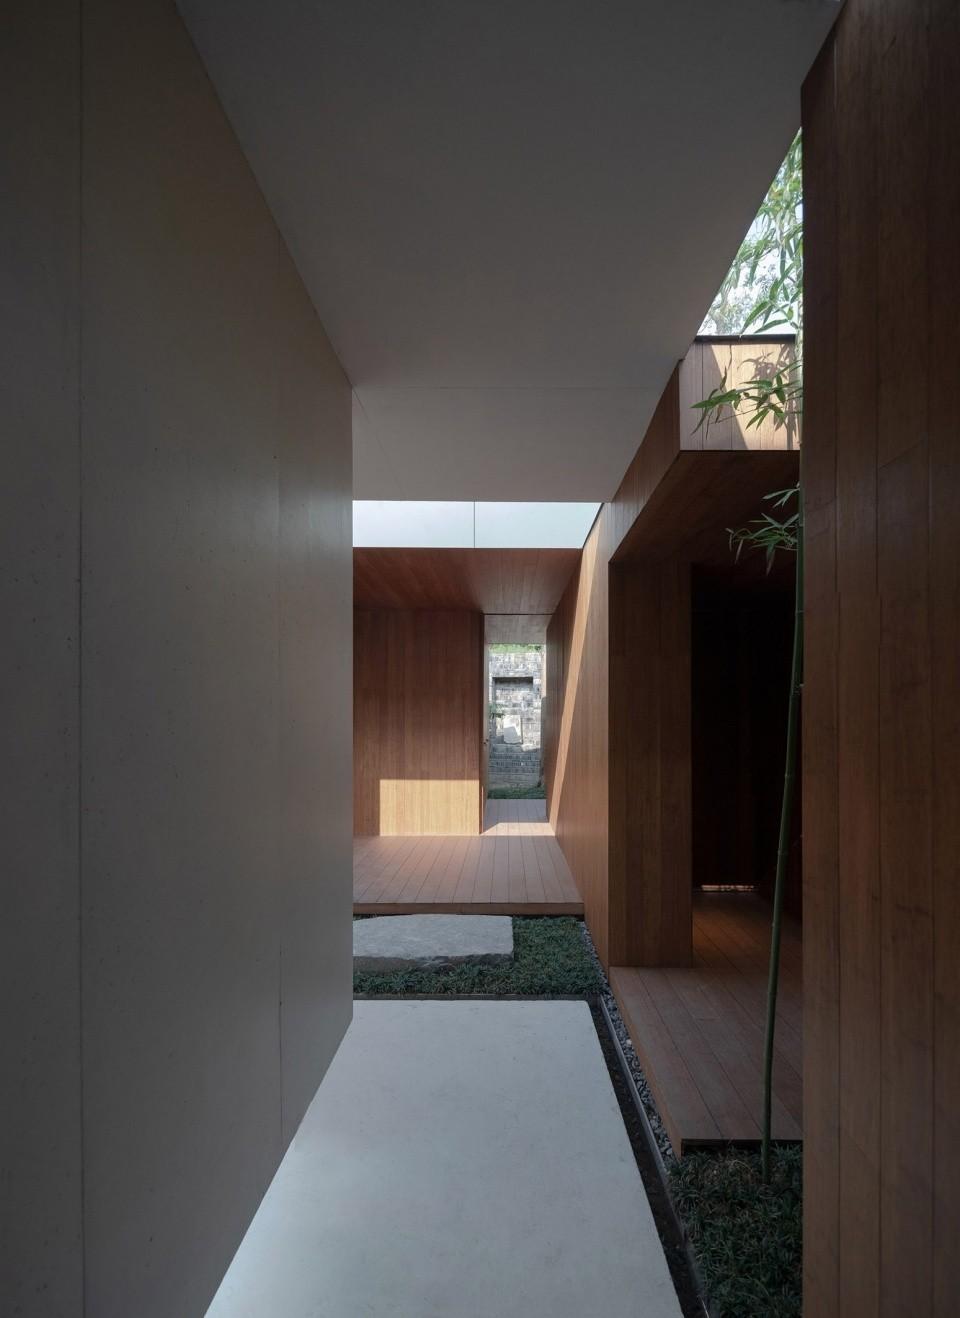 27-Zhang-Yan-Cultural-Museum_Horizontal-Design-1-960x1318.jpg